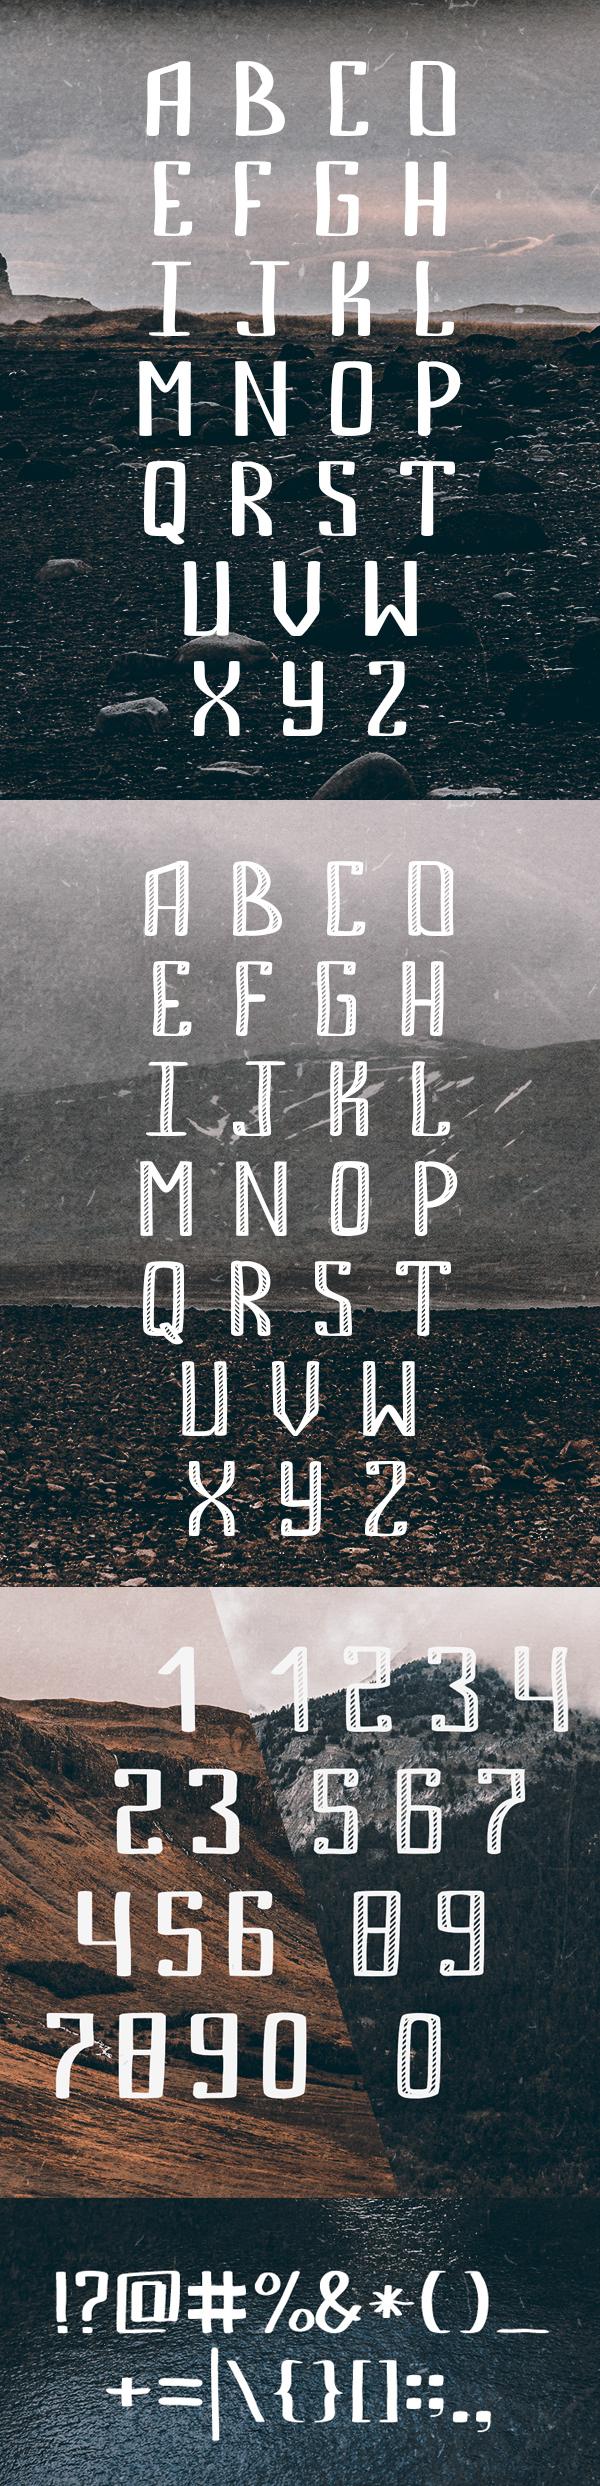 Bemount letters